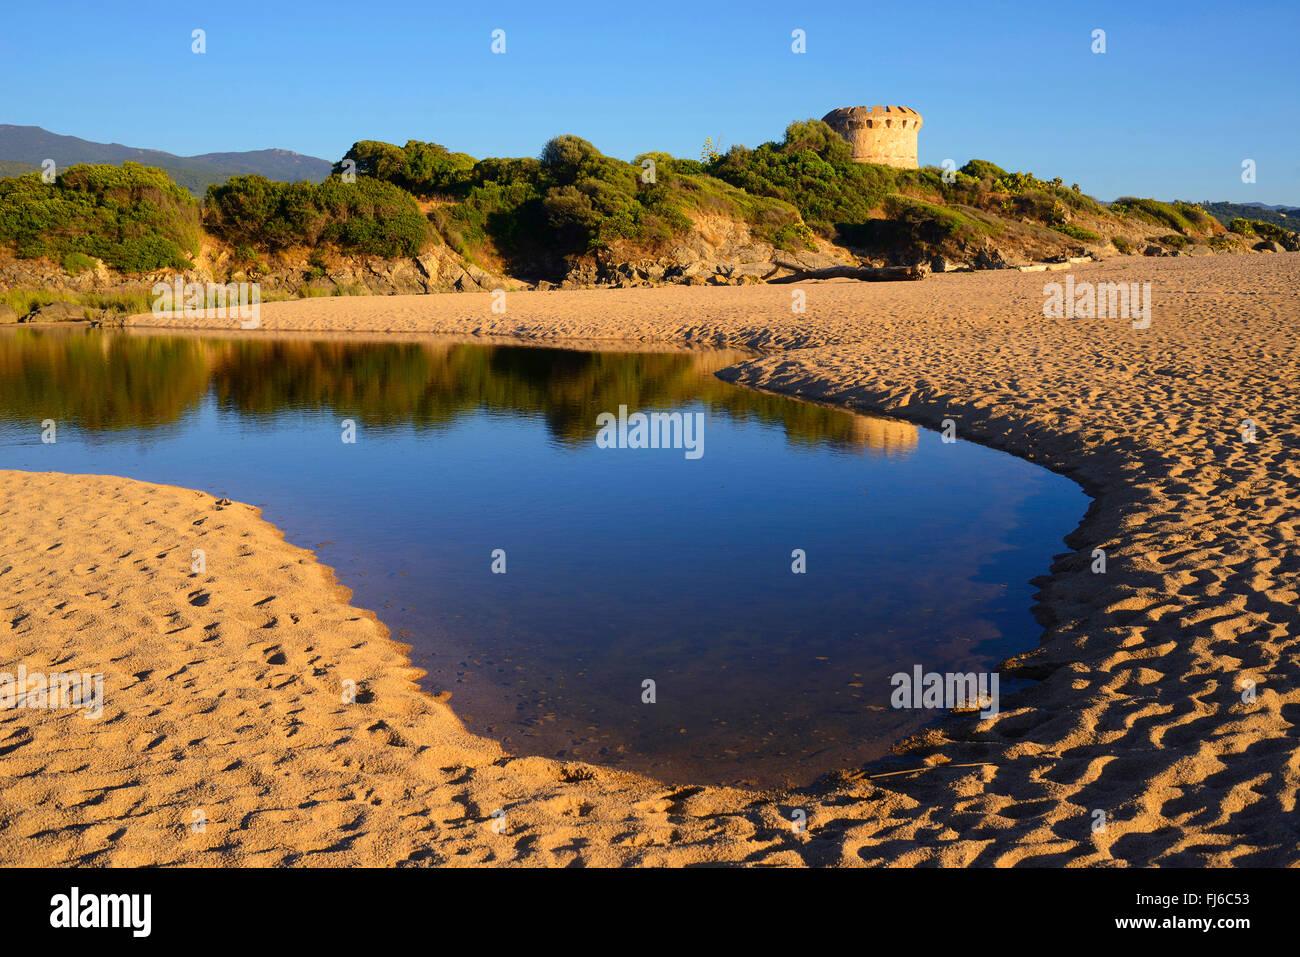 Torre genovese e laghetto Lac de Capitello vicino alla città di Ajaccio, a sud di Corisca isola, Francia, Corsica Immagini Stock